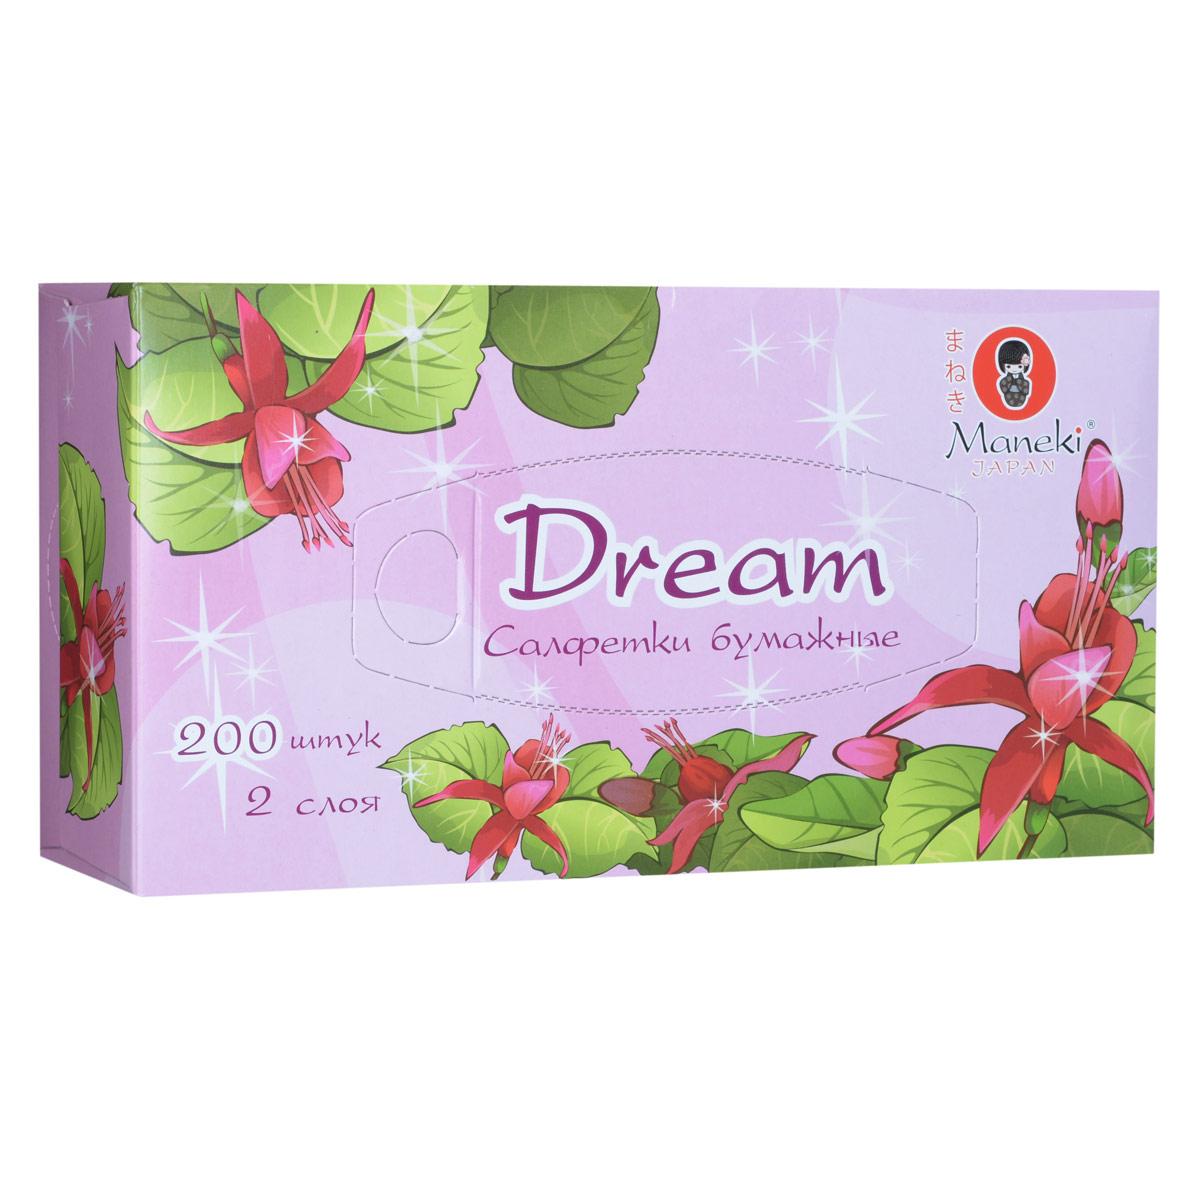 Maneki Салфетки бумажные Dream, двухслойные, цвет: розовый, 200 штFT135Двухслойные бумажные салфетки Maneki Dream, выполненные из натуральной экологически чистой целлюлозы, подарят превосходный комфорт и ощущение чистоты и свежести. Салфетки упакованы в коробку, поэтому их удобно использовать дома или взять с собой в офис или машину. Не содержат хлор.